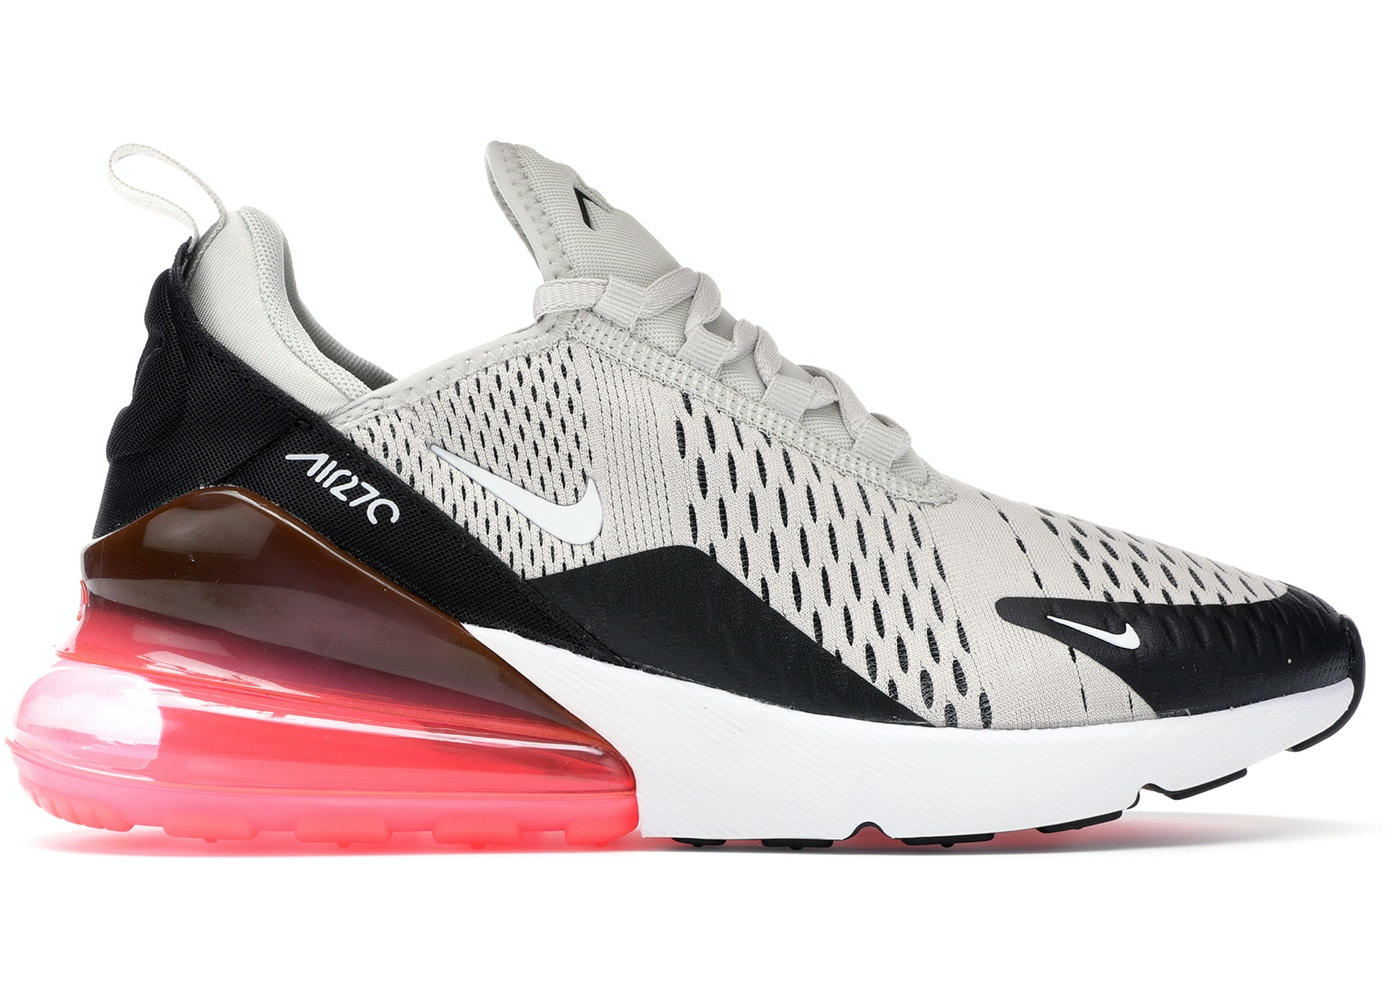 A volte a volte Caccia costumi  Nike Air Max 270 Light Bone Hot Punch (GS) - 943345-002